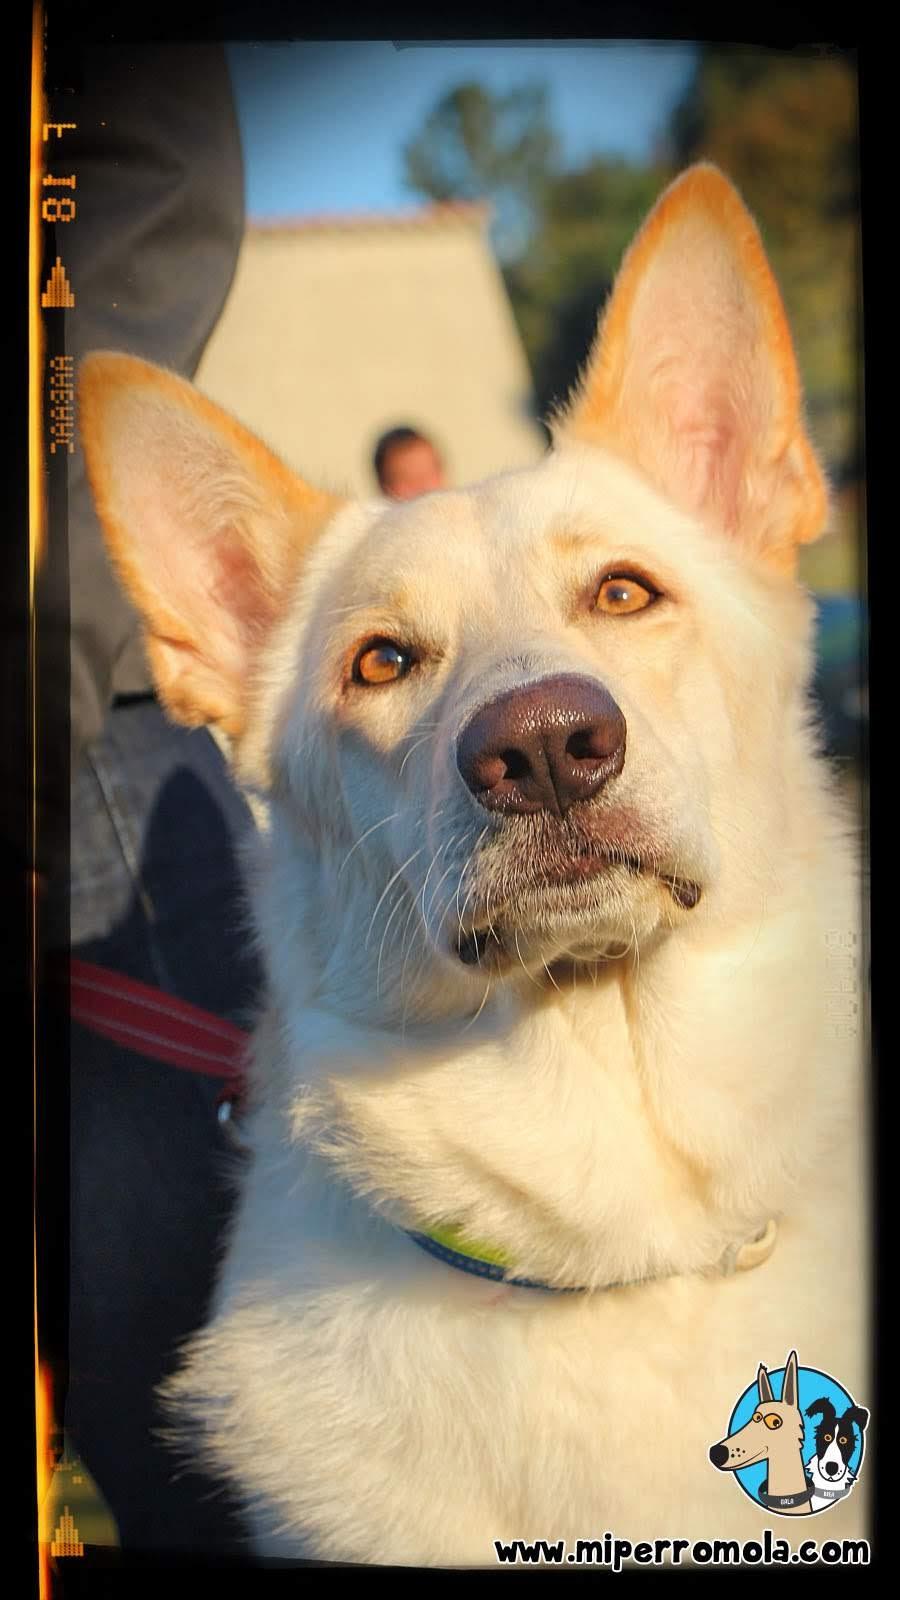 Primer plano de un Can de Palleiro con sus ojos amarillos y sus orejas puntiagudas